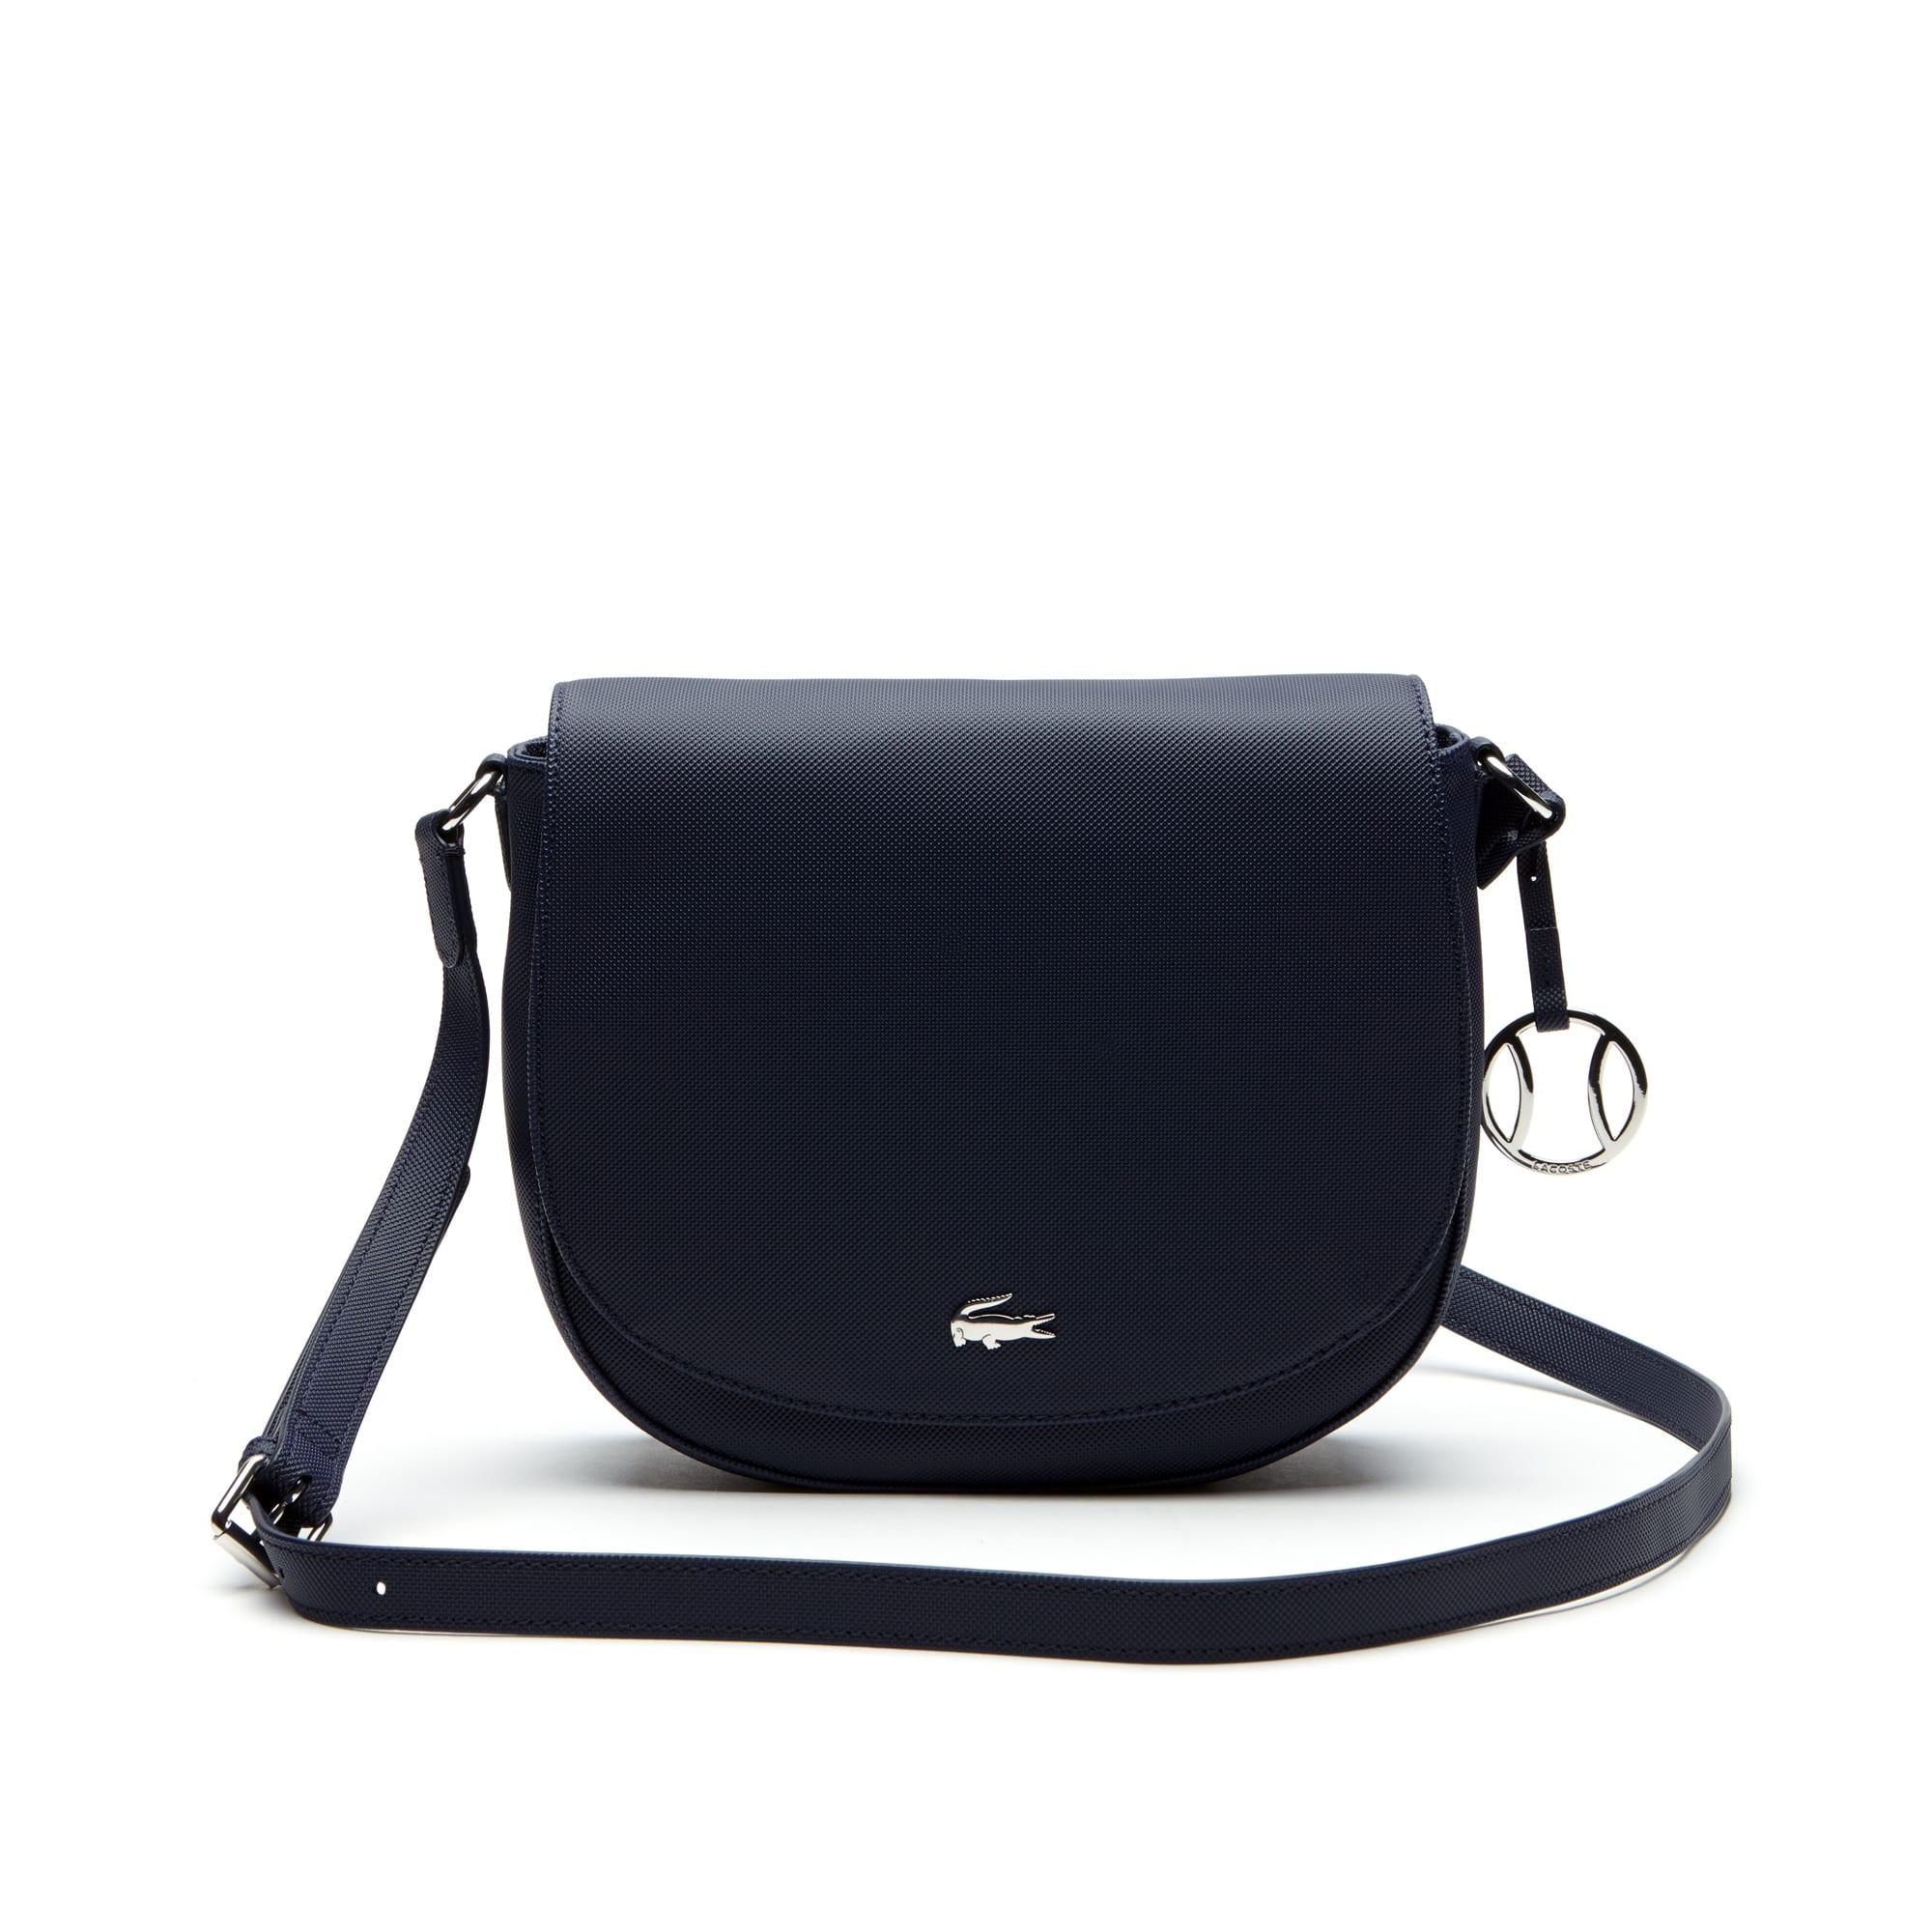 Women's Daily Classic Fine Piqué Grains Flap Crossover Bag